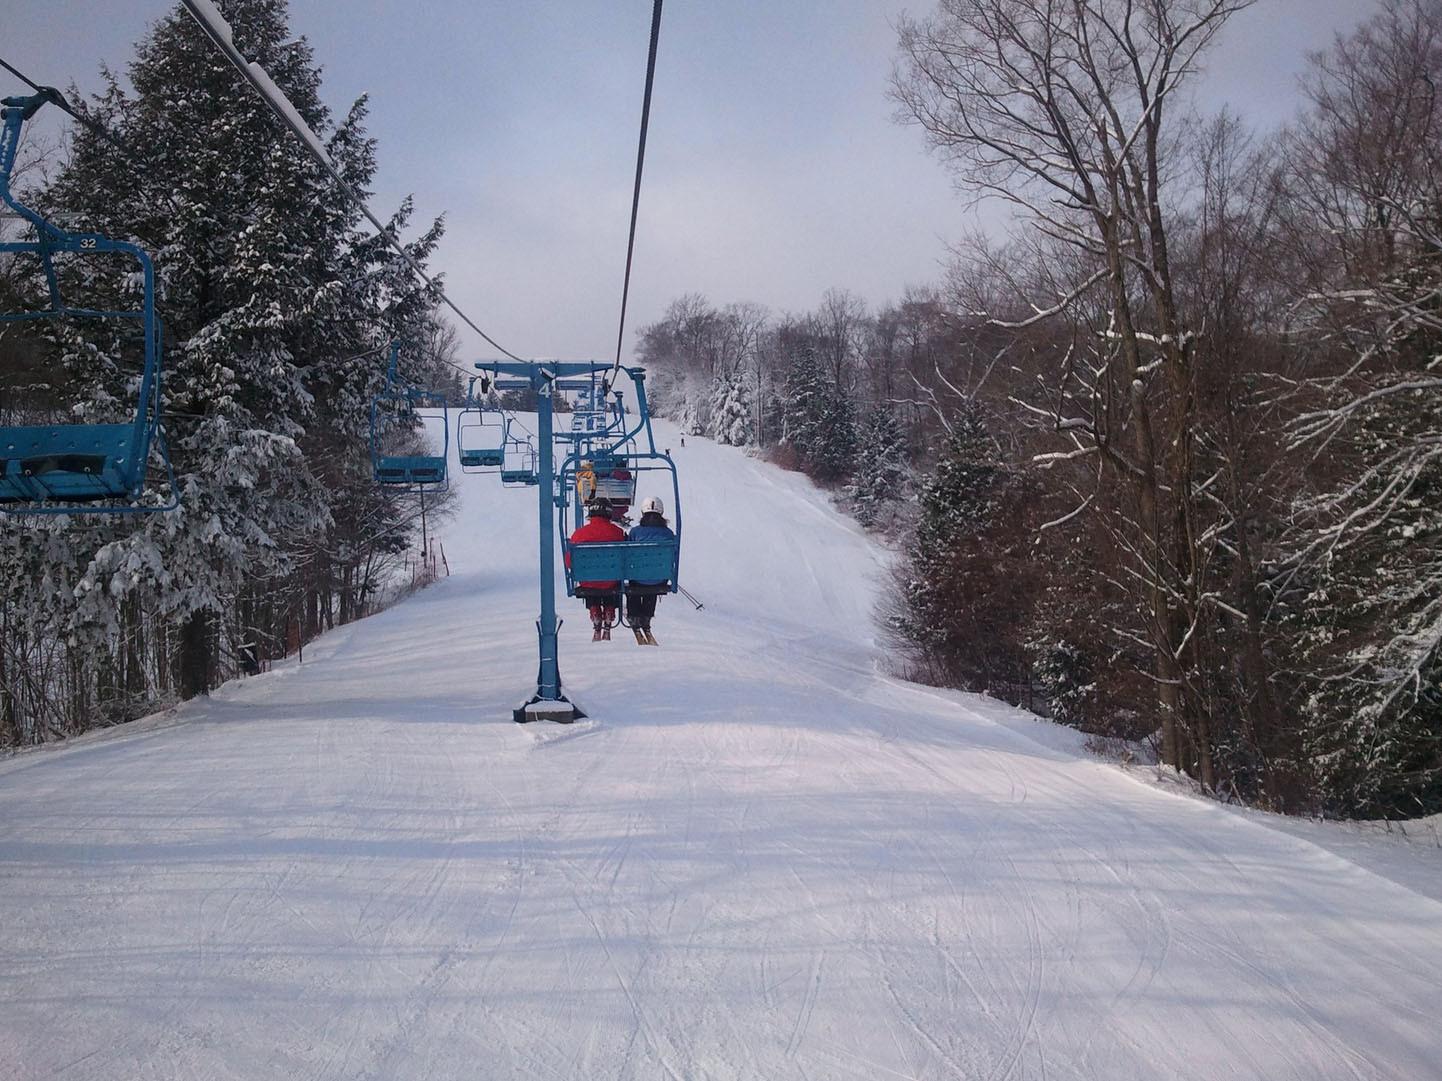 Buffalo Ski Club Ski Areaundefined